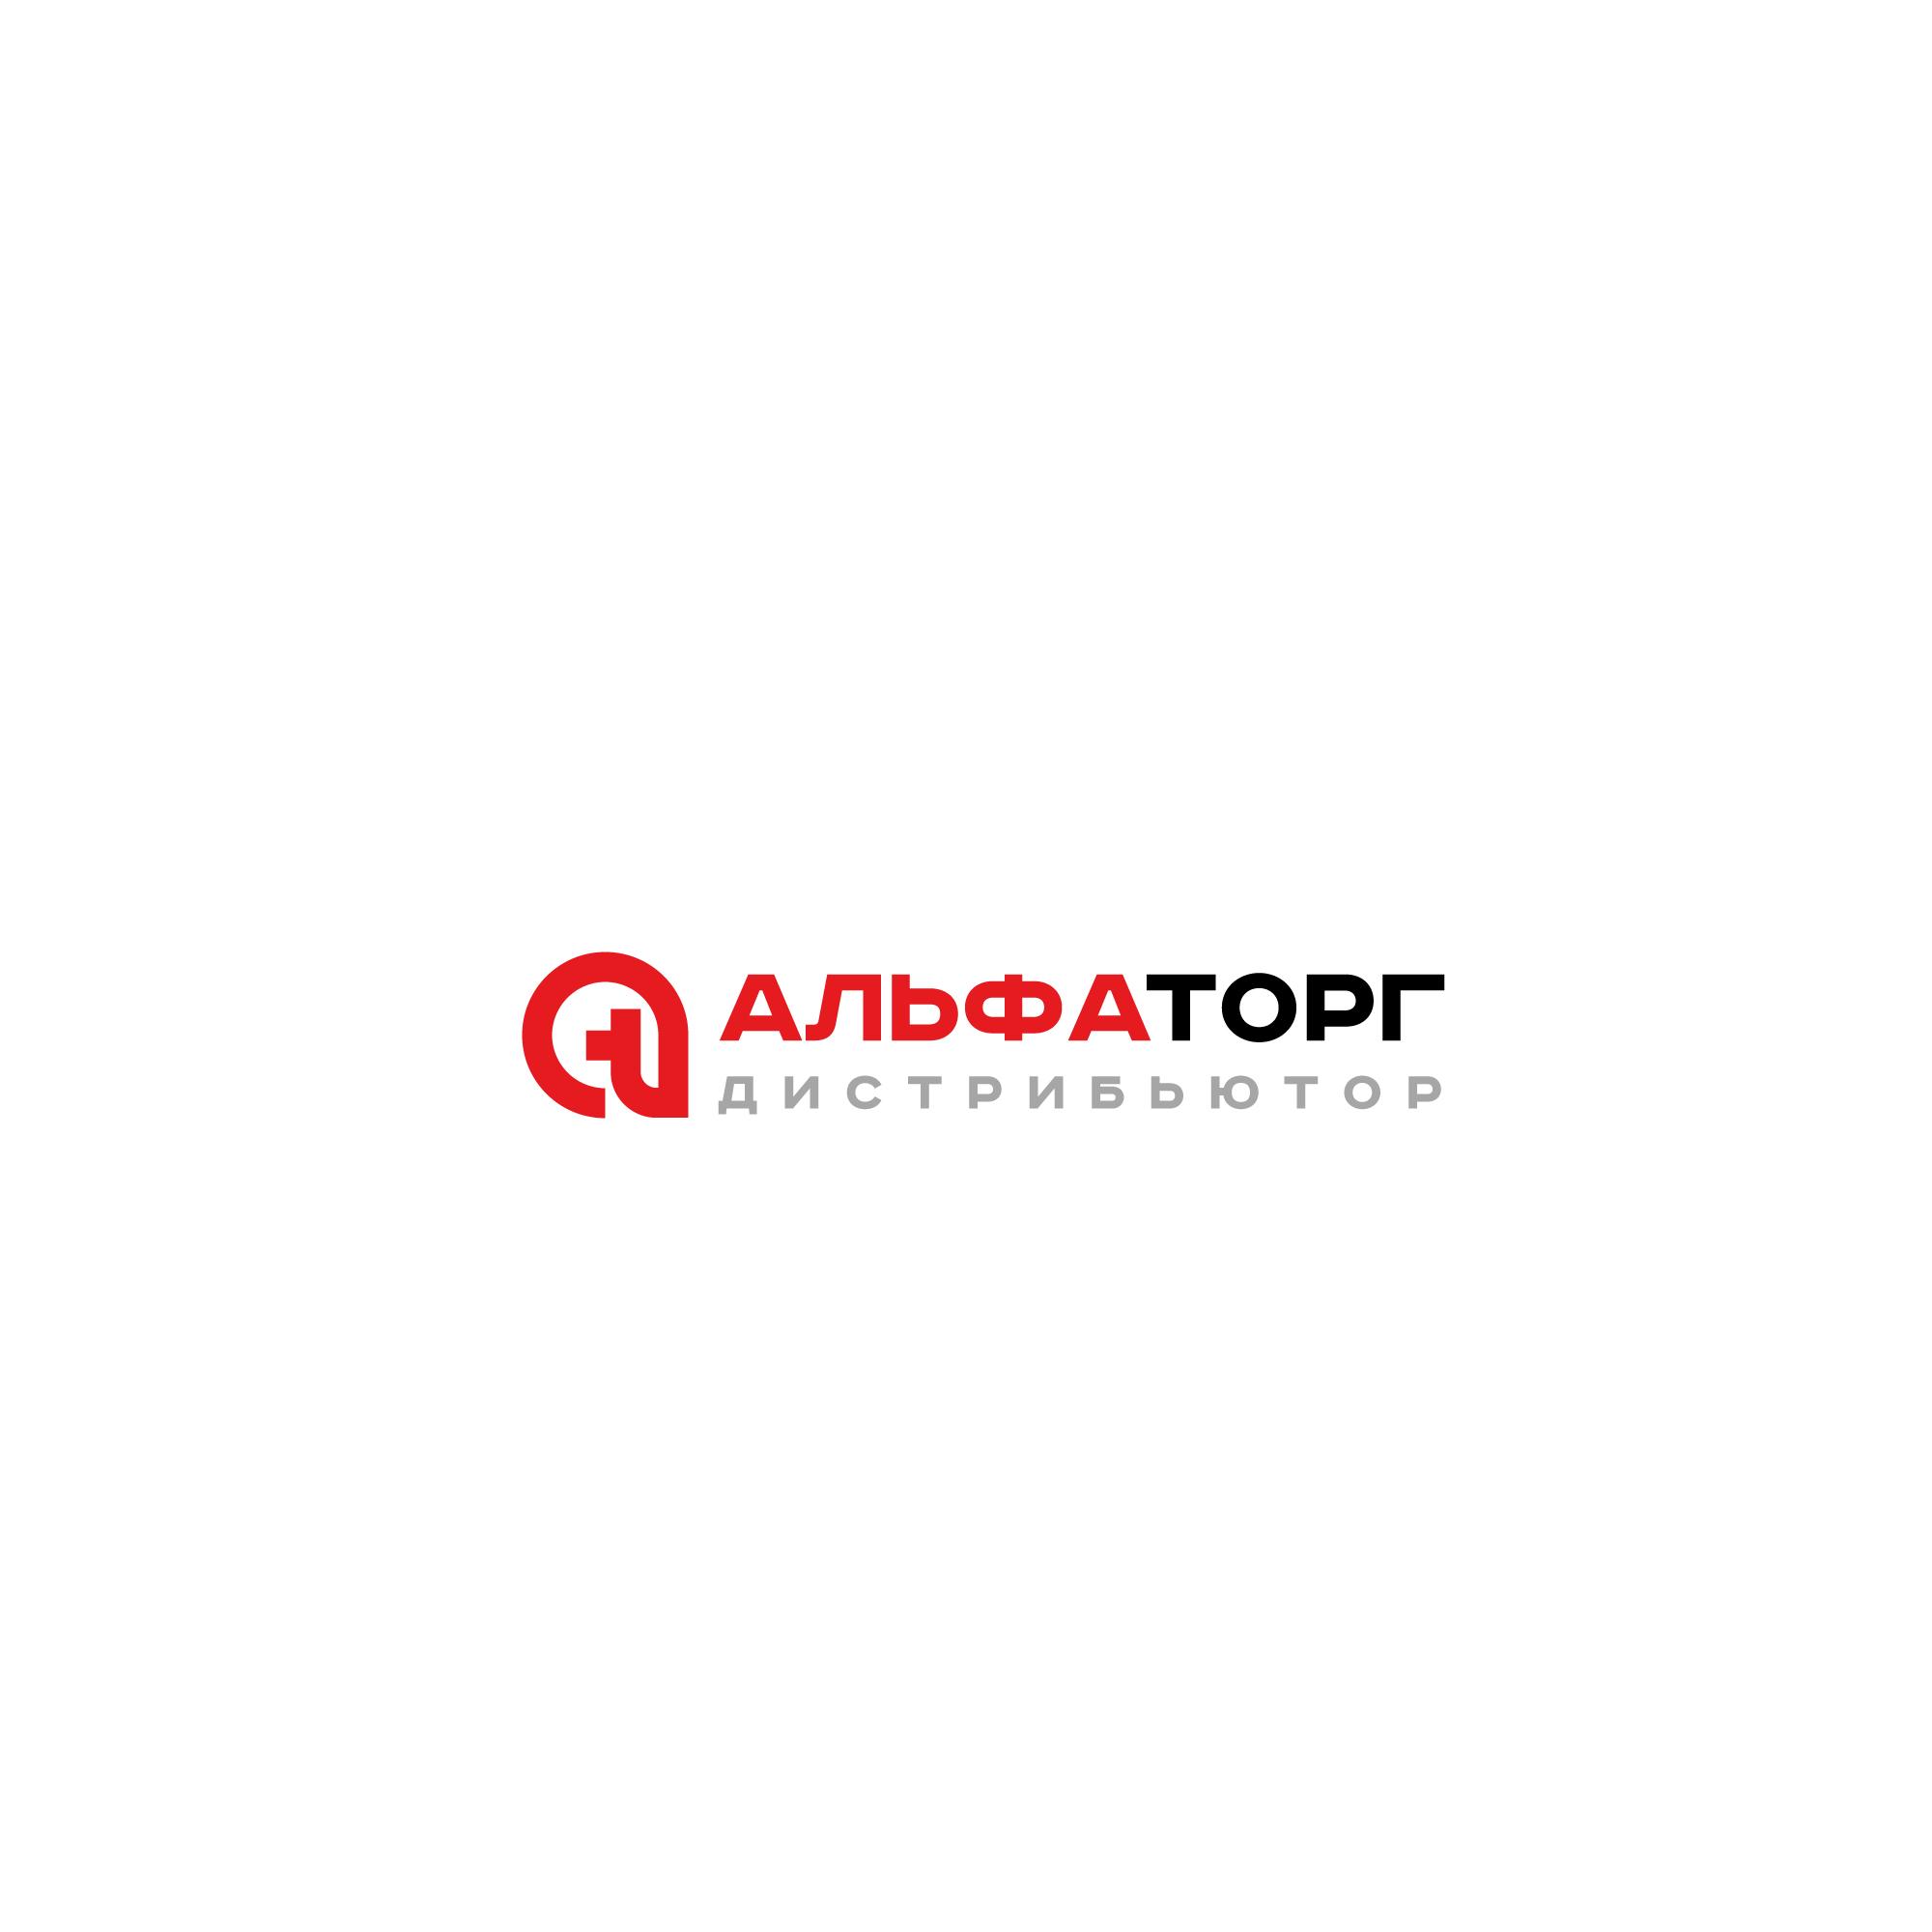 Логотип и фирменный стиль фото f_9755f02ea1a1f89e.jpg